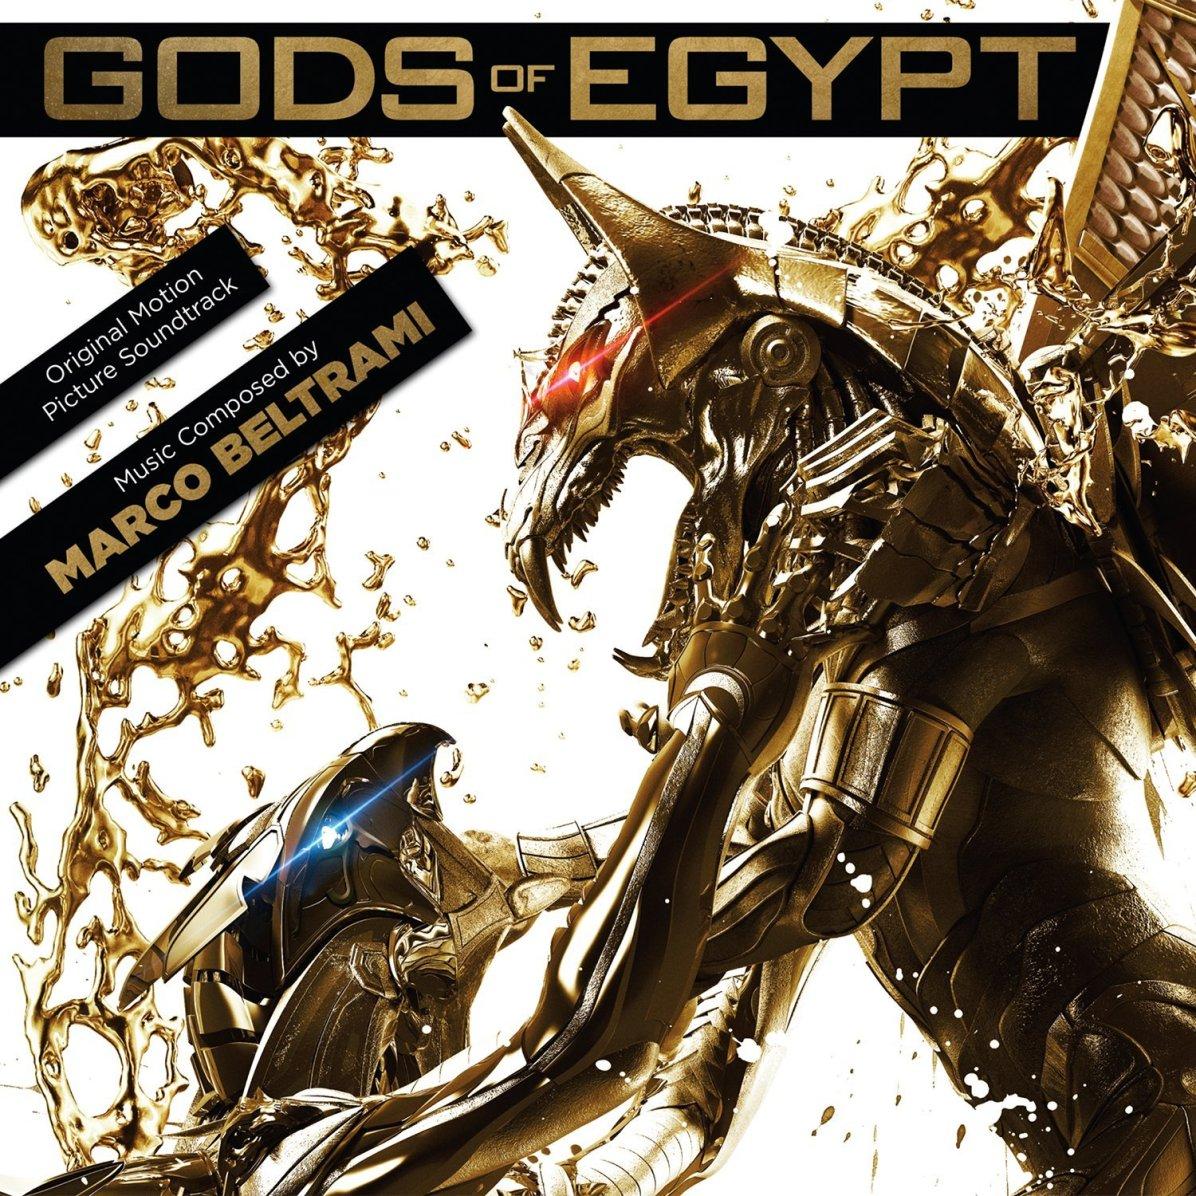 #1: Gods of Egypt (Original)